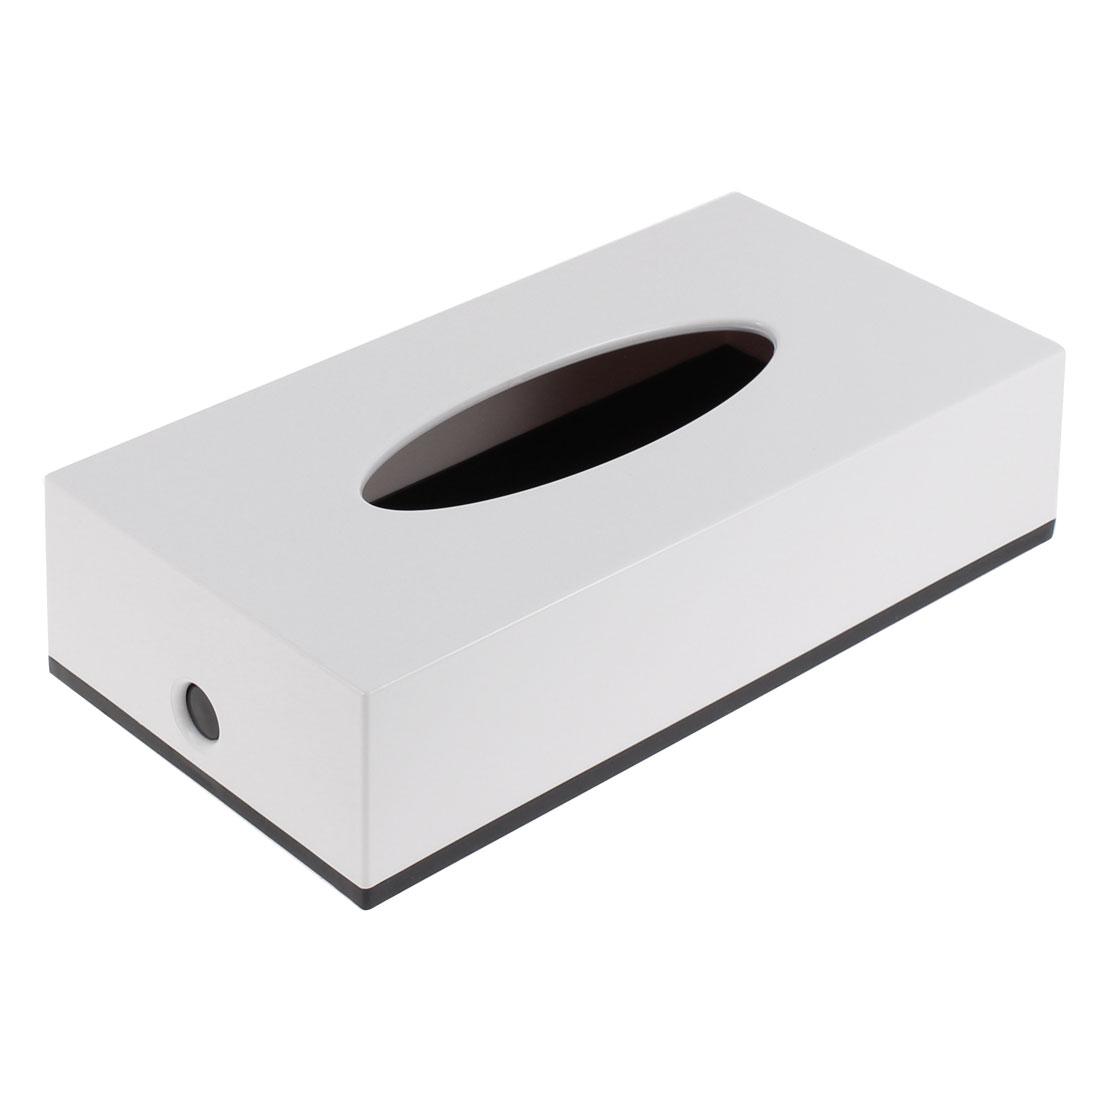 Household Hotel Bar Plastic Rectangle Paper Tissue Box Holder Case White